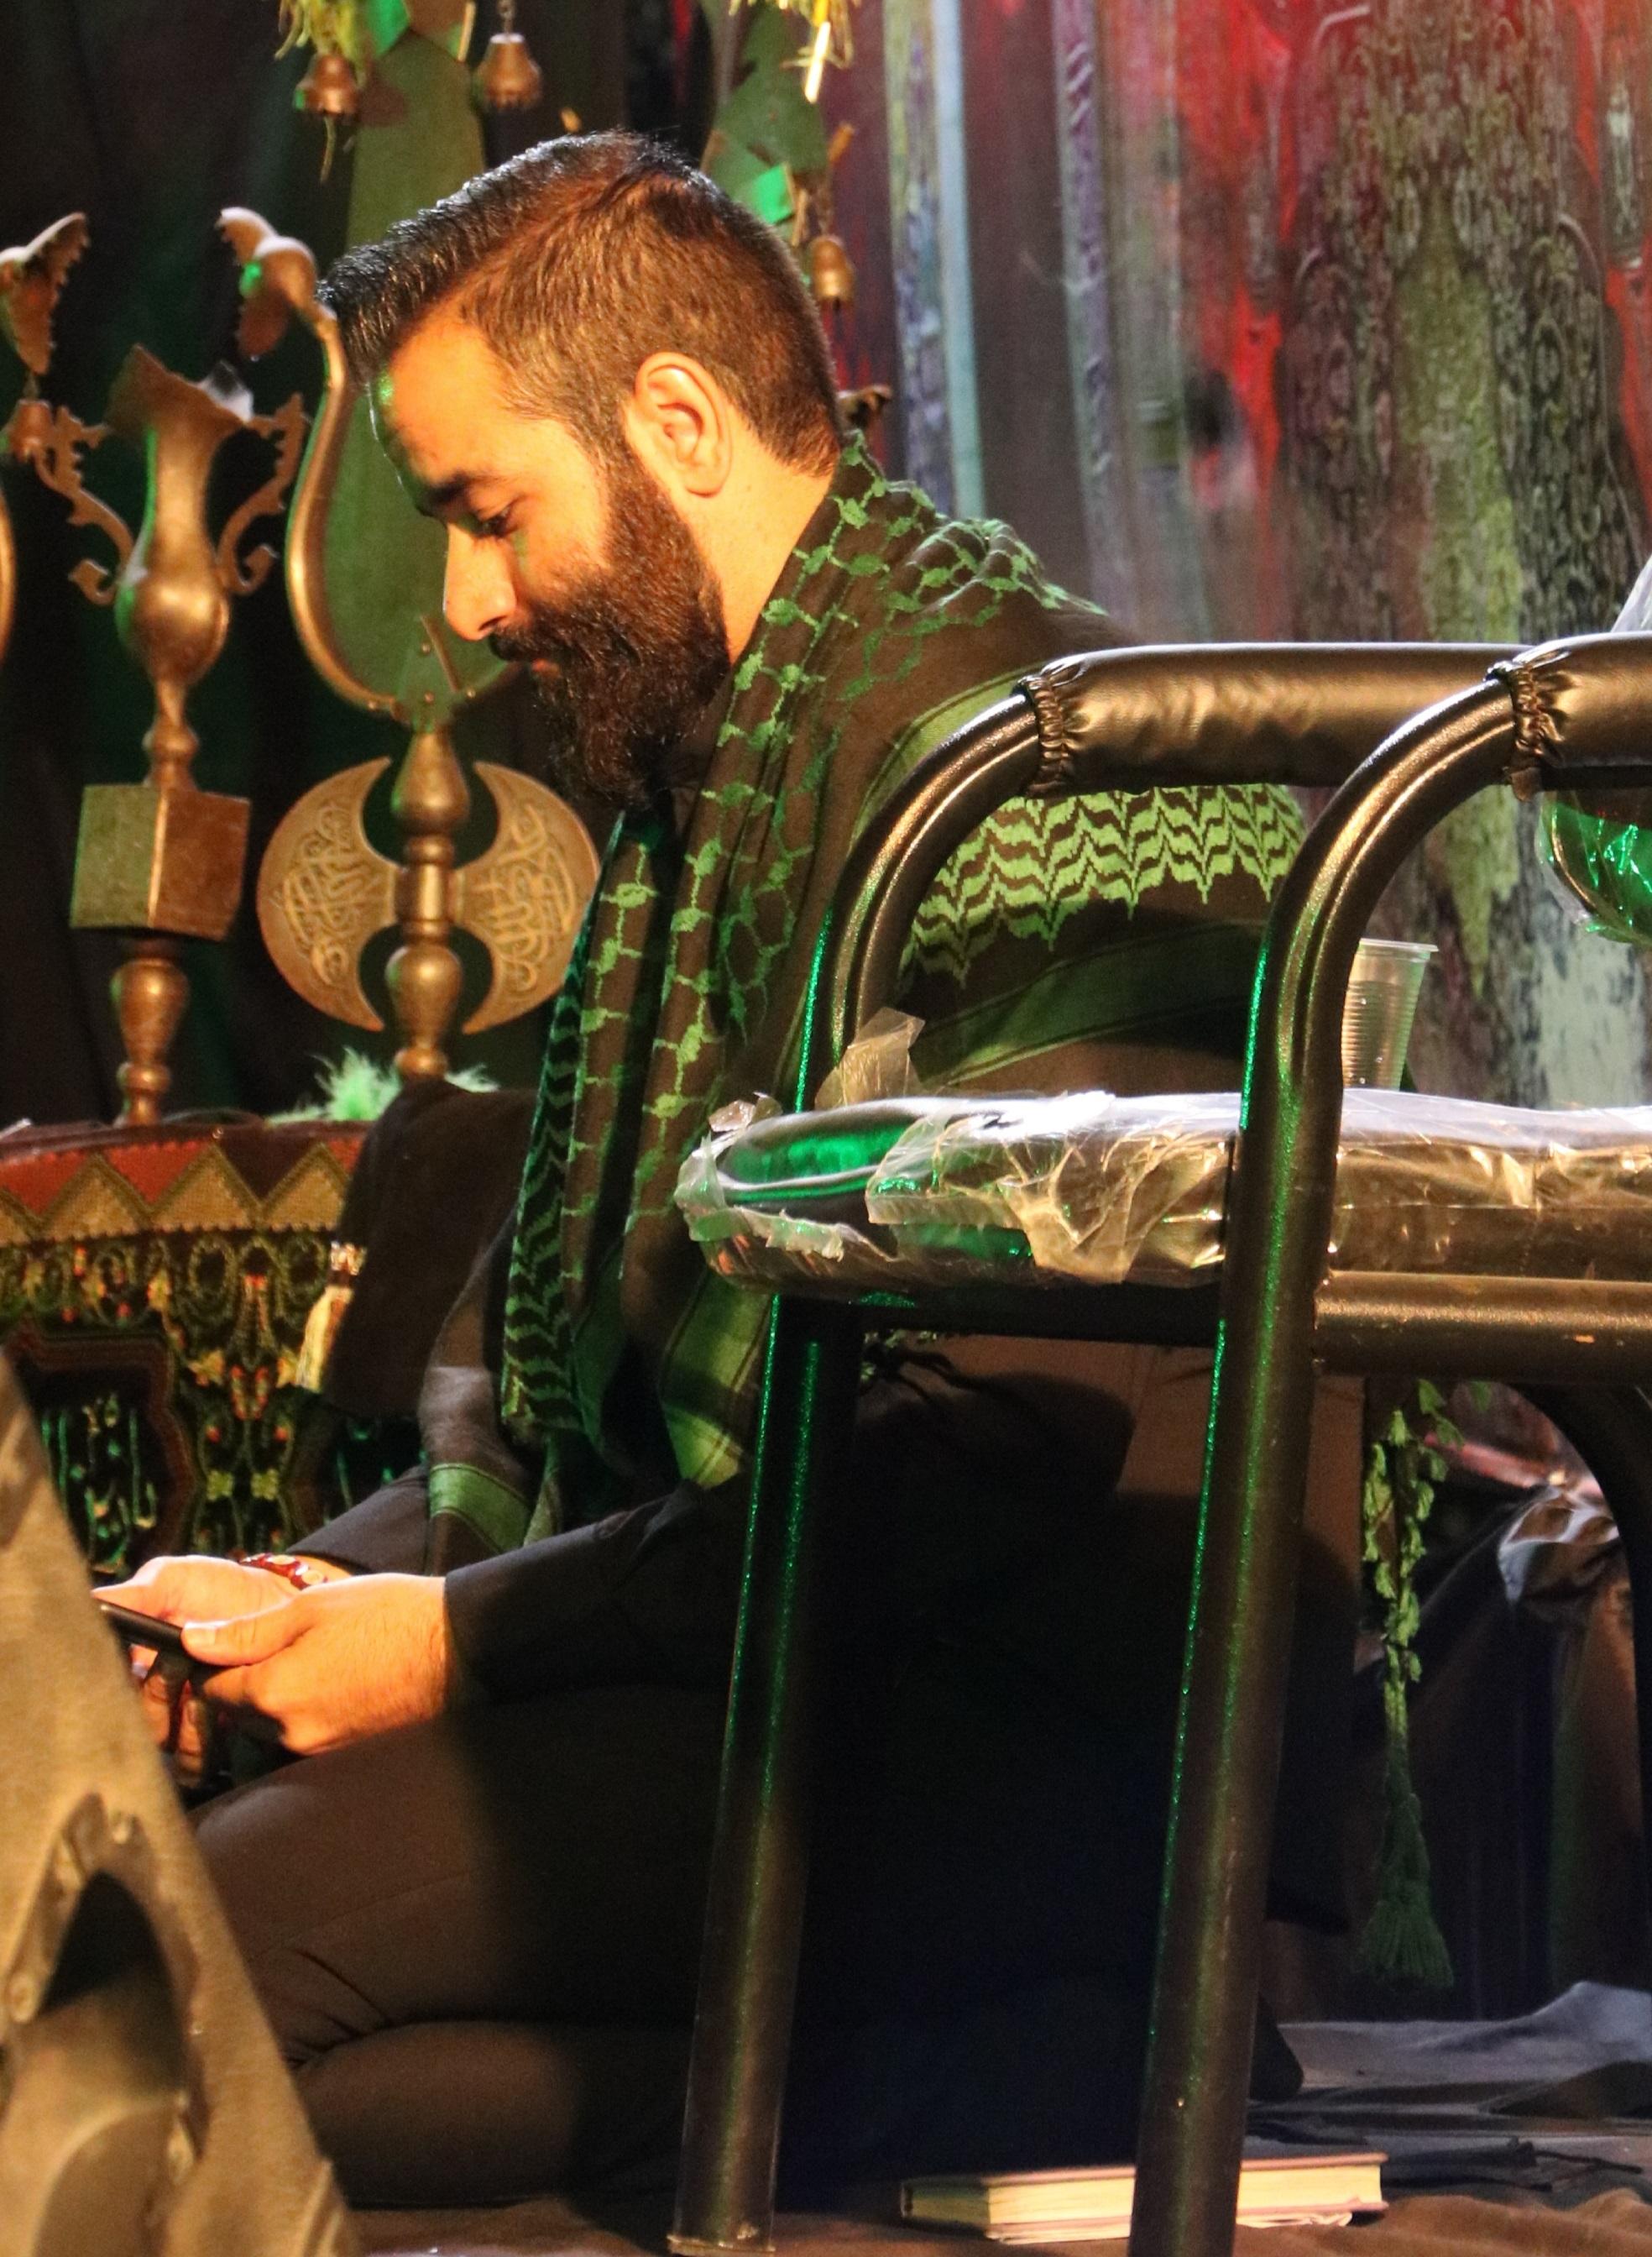 دانلود عکس و والپيپر HD | مراسم شب پنجم دهه دوم محرم الحرام 14 شهریور 1399